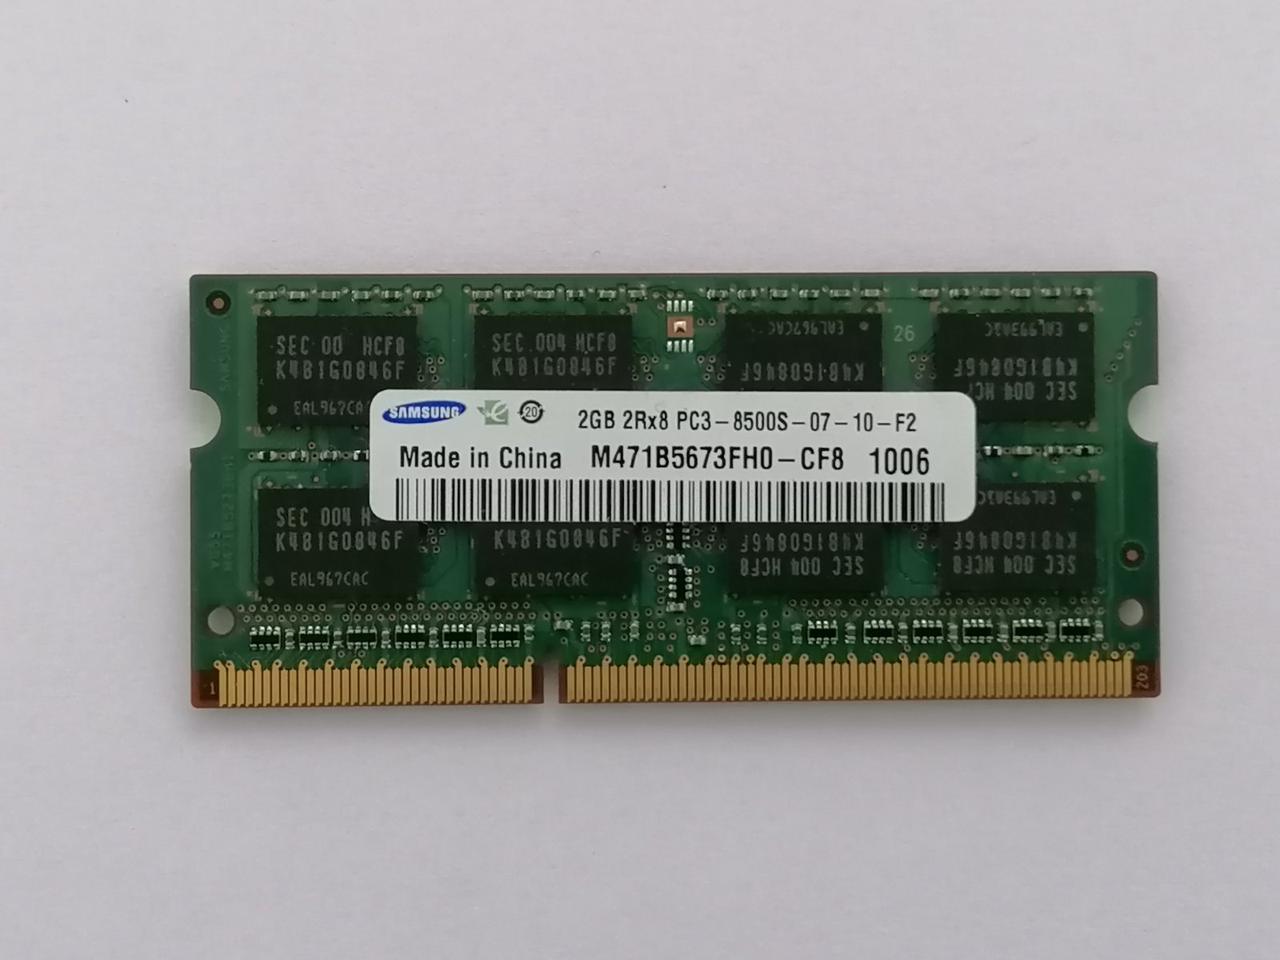 Оперативная память (DDR3 2GB) - SAMSUNG 2GB PC3-8500S-07-10-F2